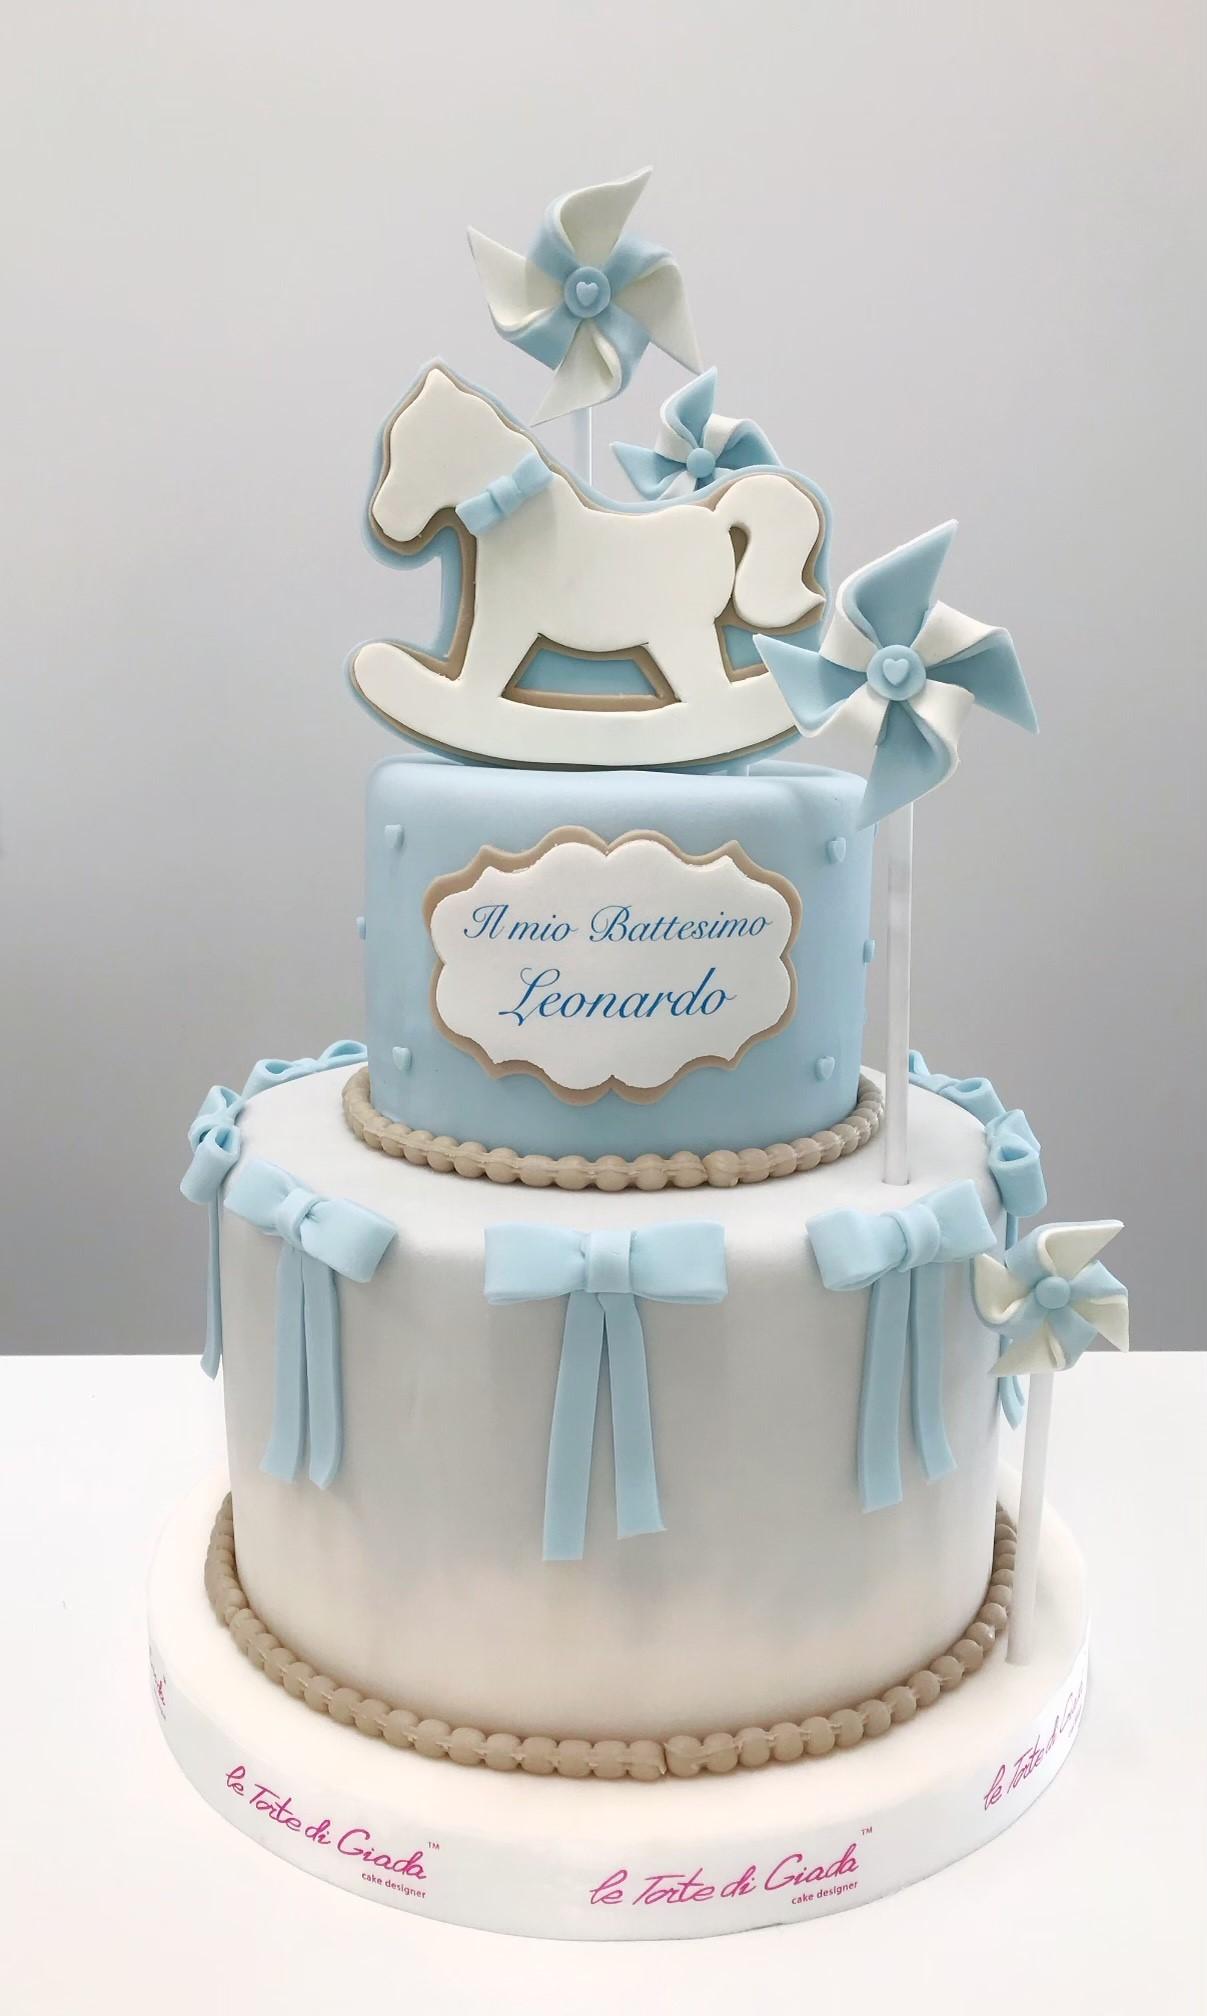 battesimo bambino cake design